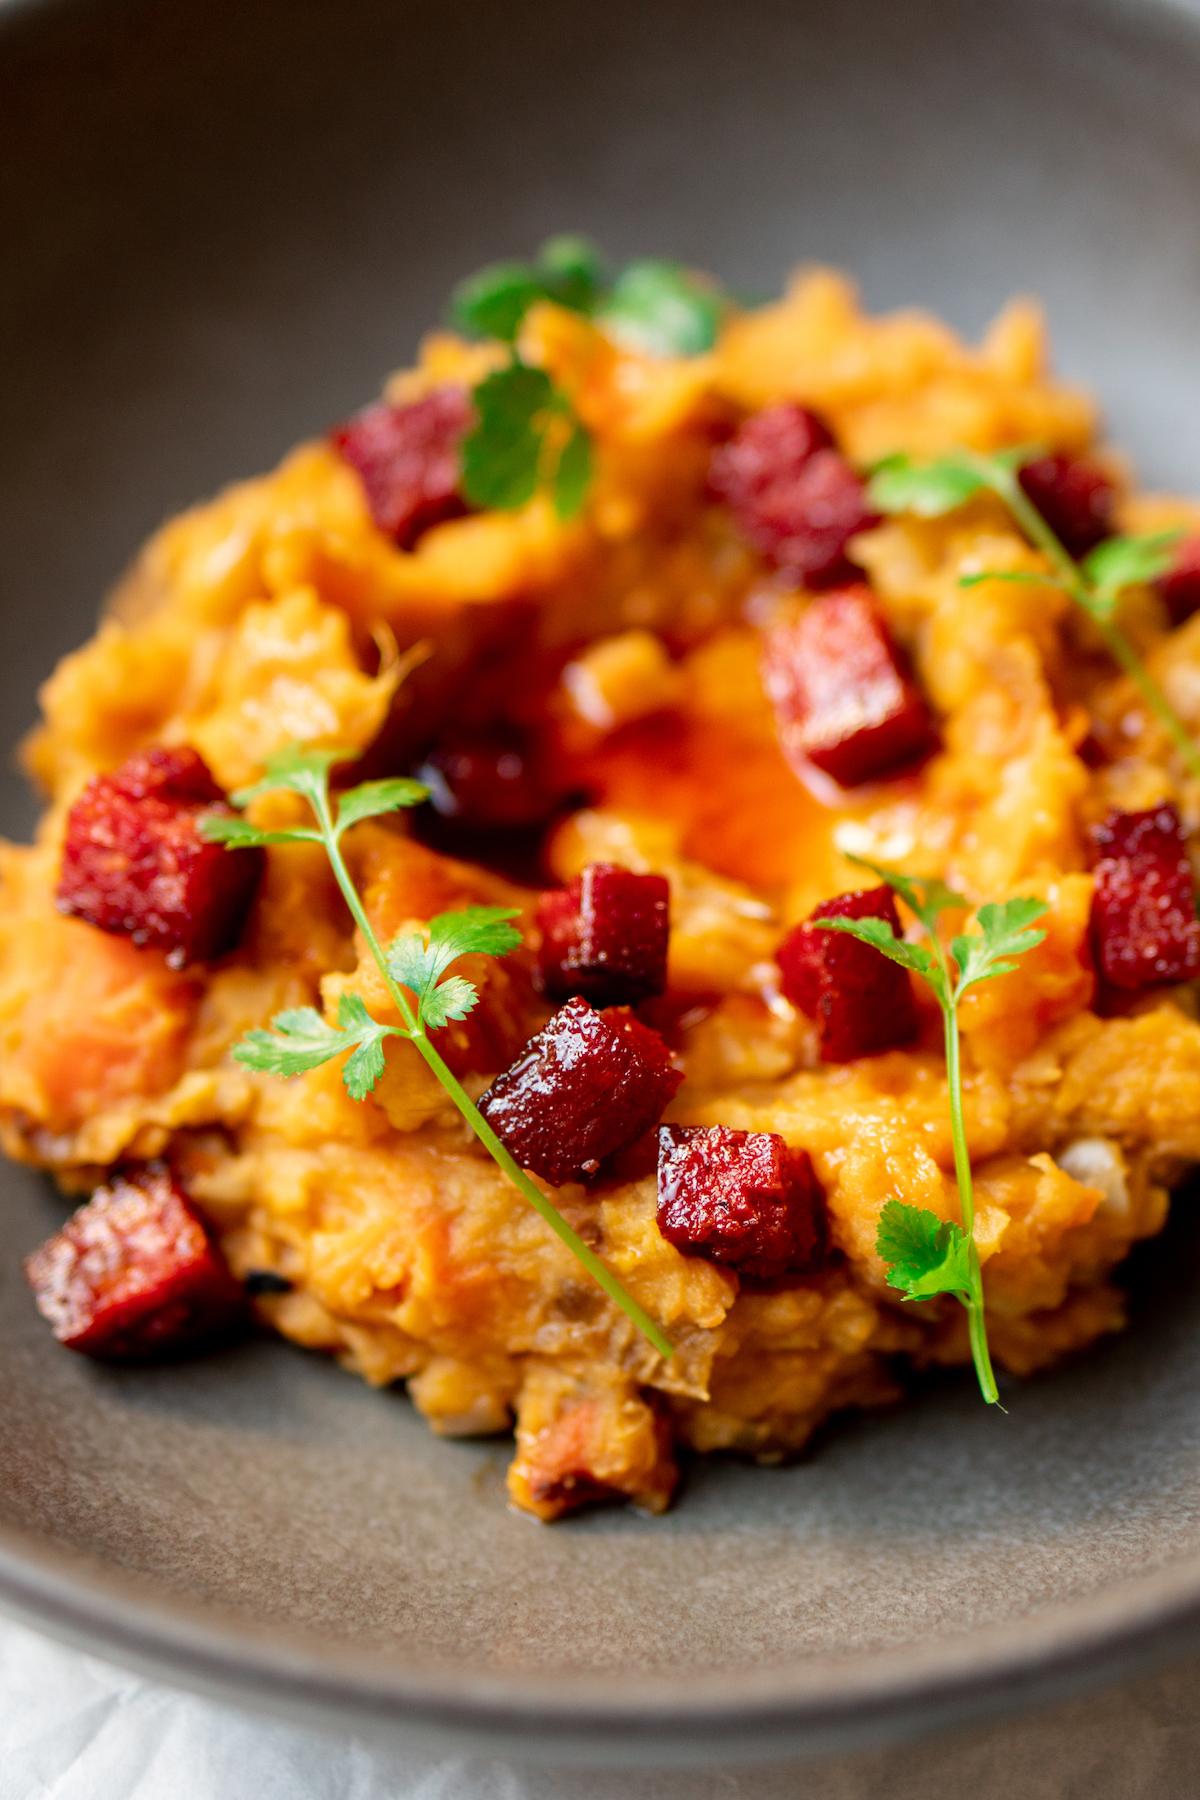 Hutspot met zoete aardappel en chorizo